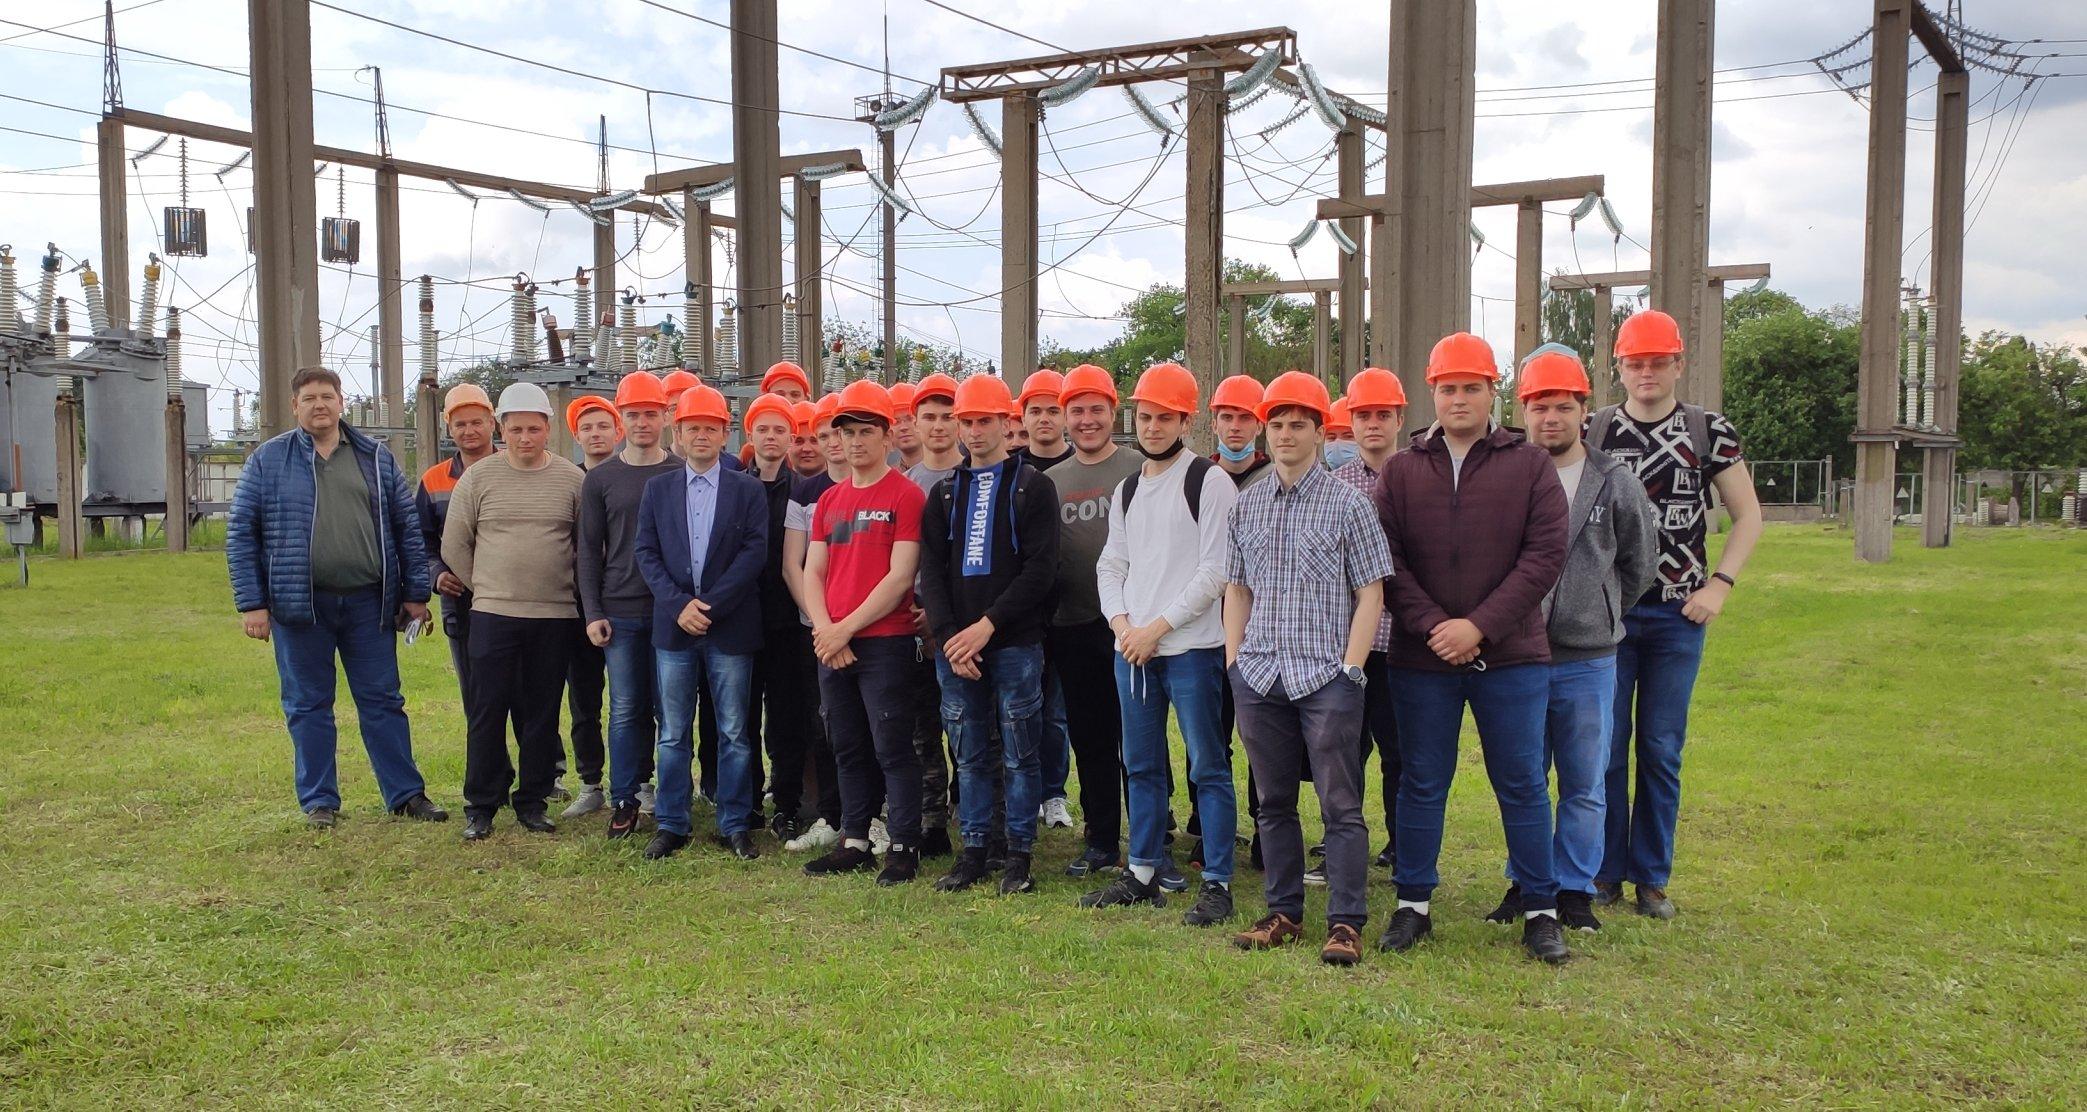 Студенти спеціальності 141 «Електроенергетика, електротехніка та електромеханіка» НУ «Чернігівська політехніка» відвідали підстанцію 110/35/10кВ «Прилуки»